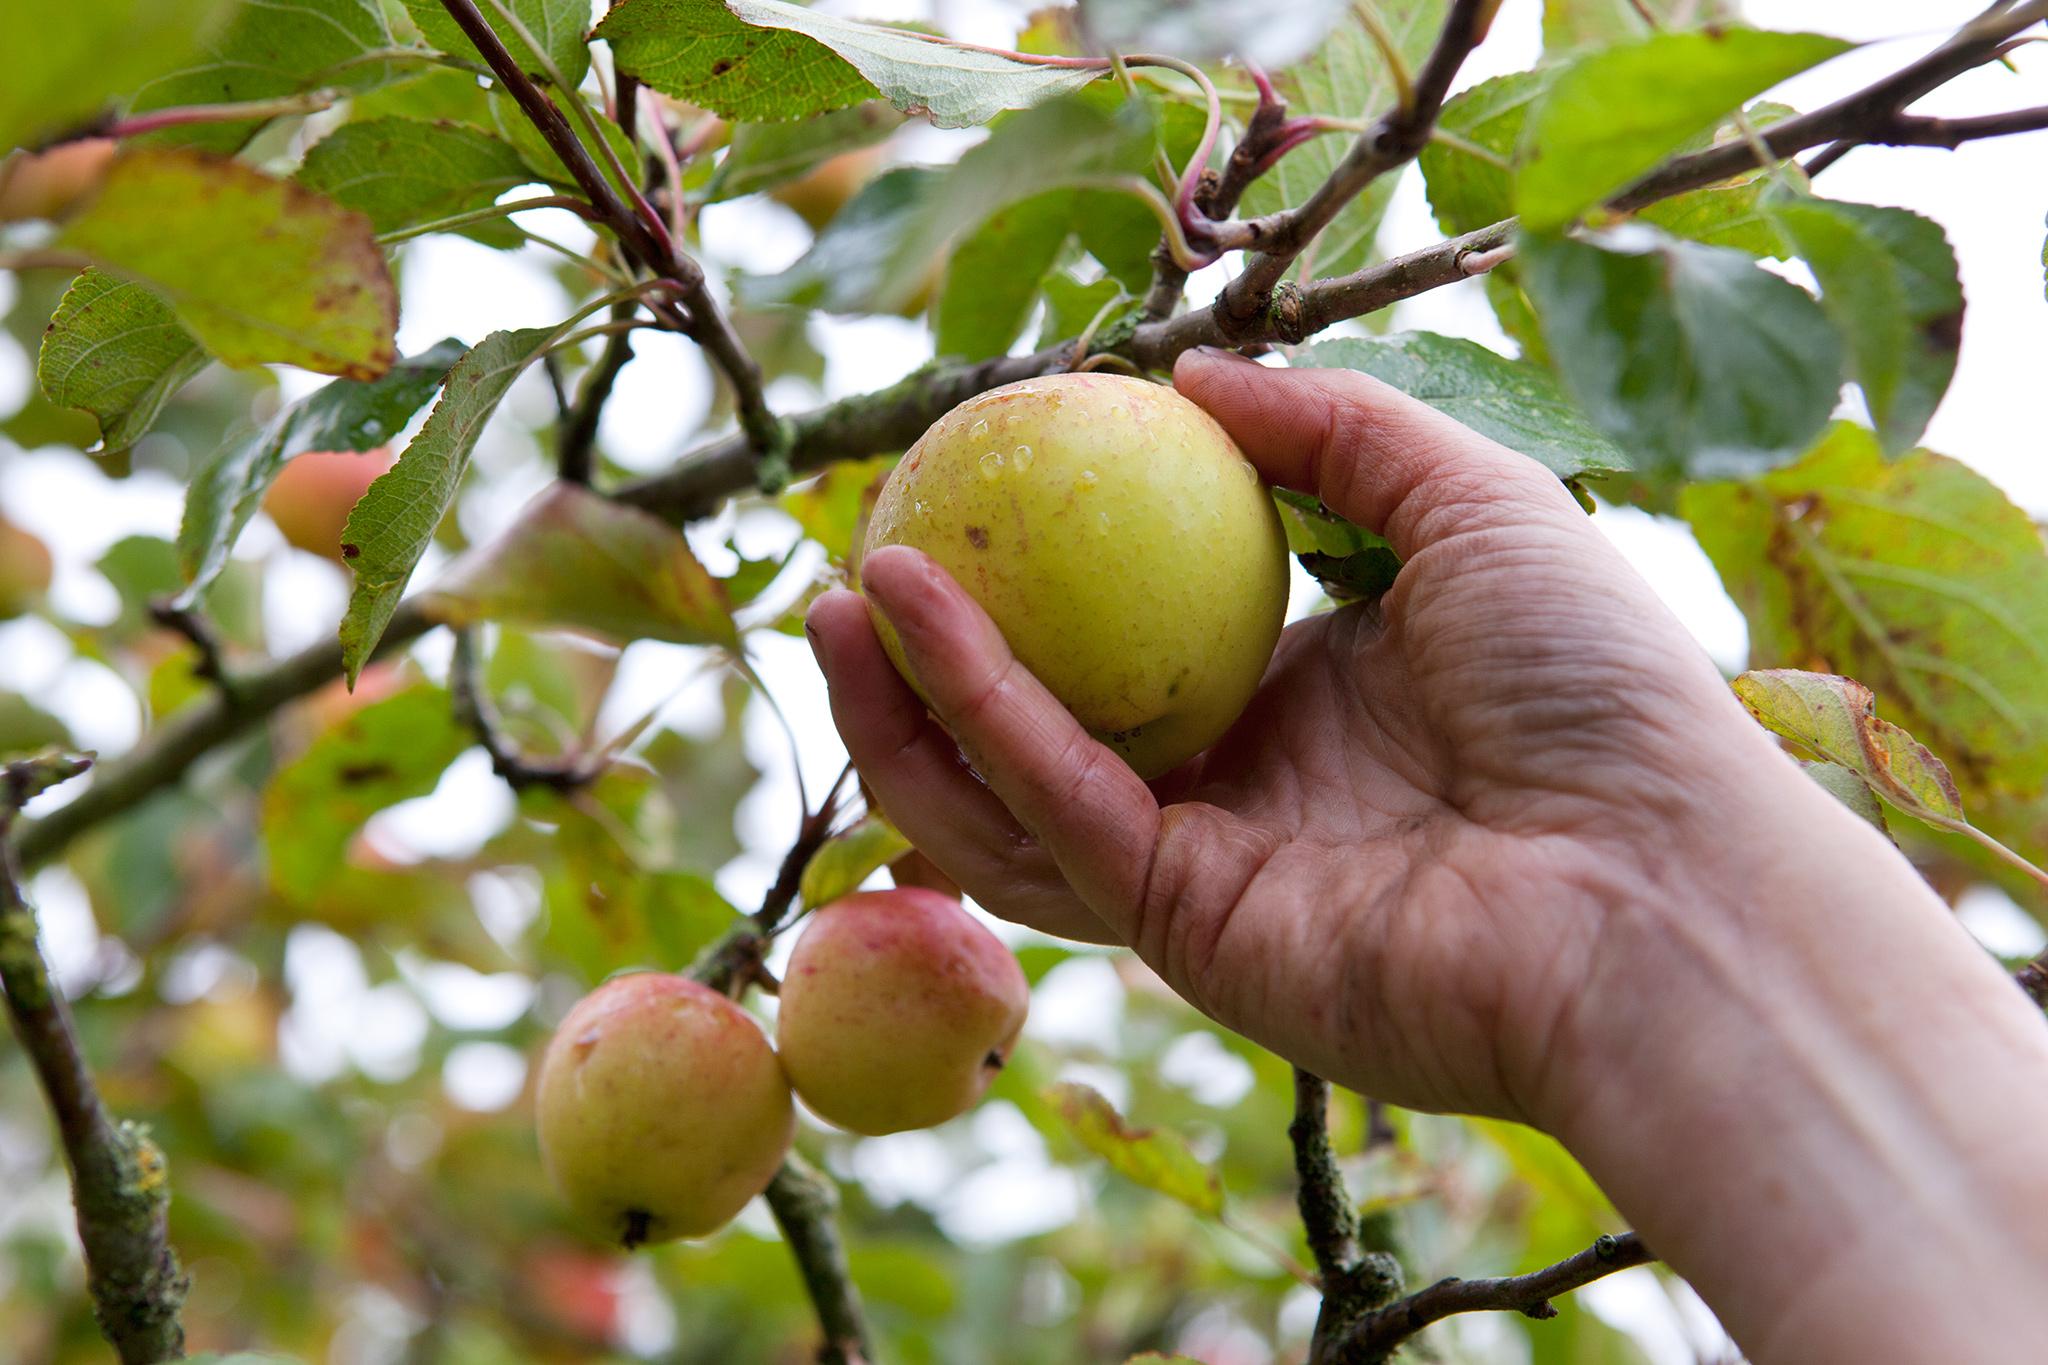 picking-apples-4